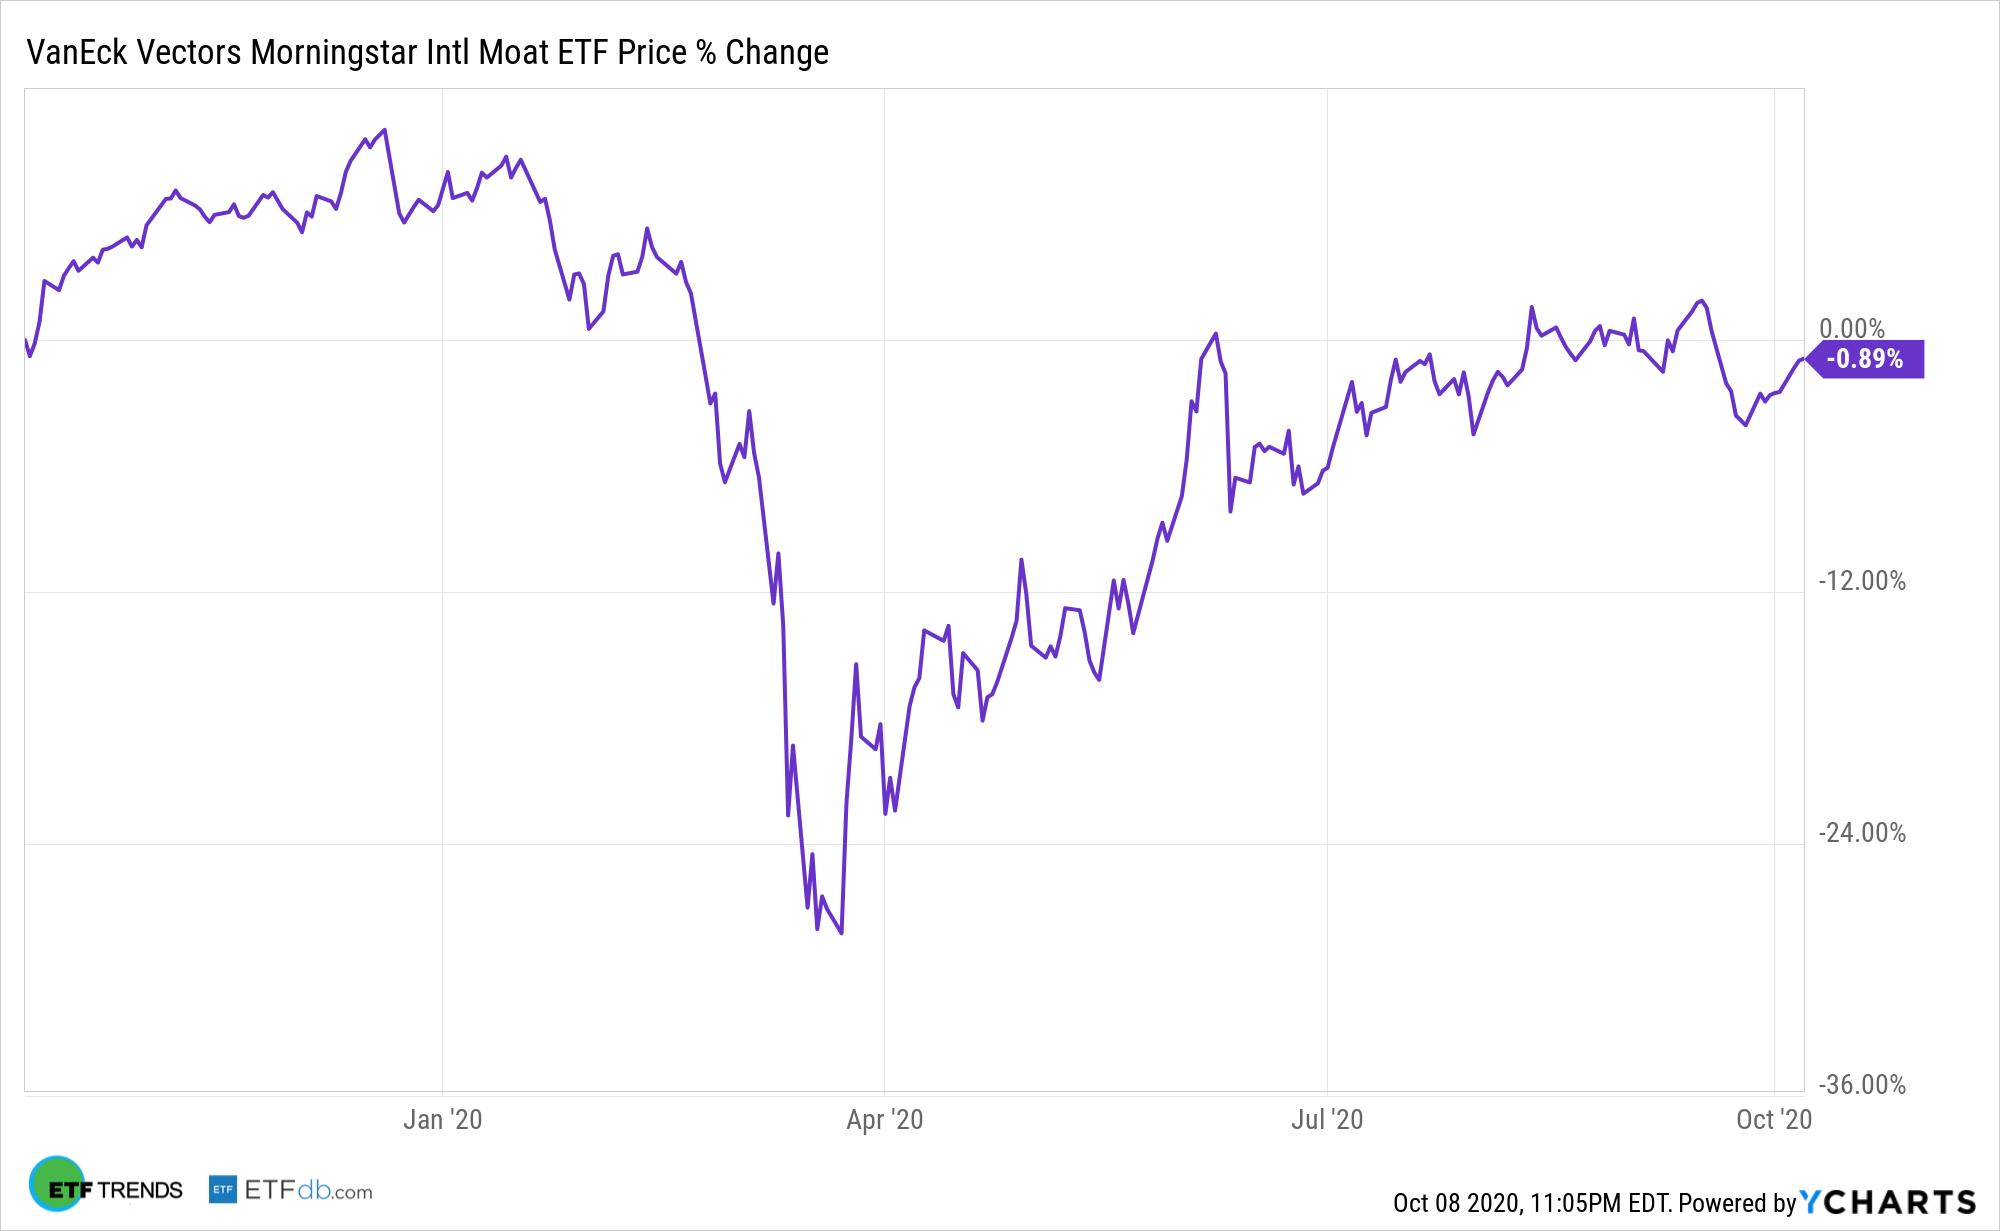 MOTI Chart